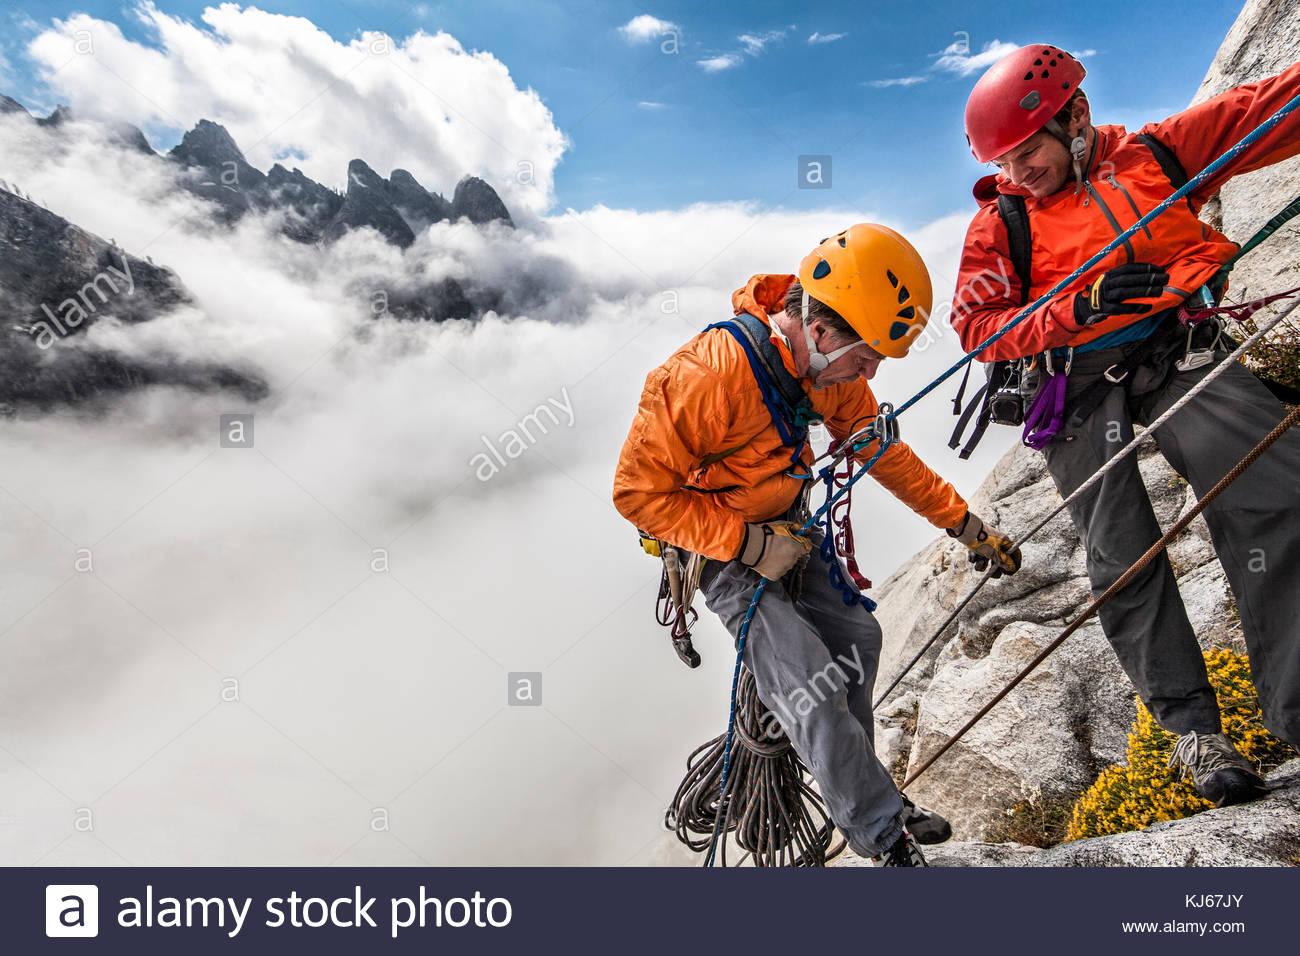 Les grimpeurs d'essayer d'atteindre le haut, arrière-plan pics nuageux Photo Stock